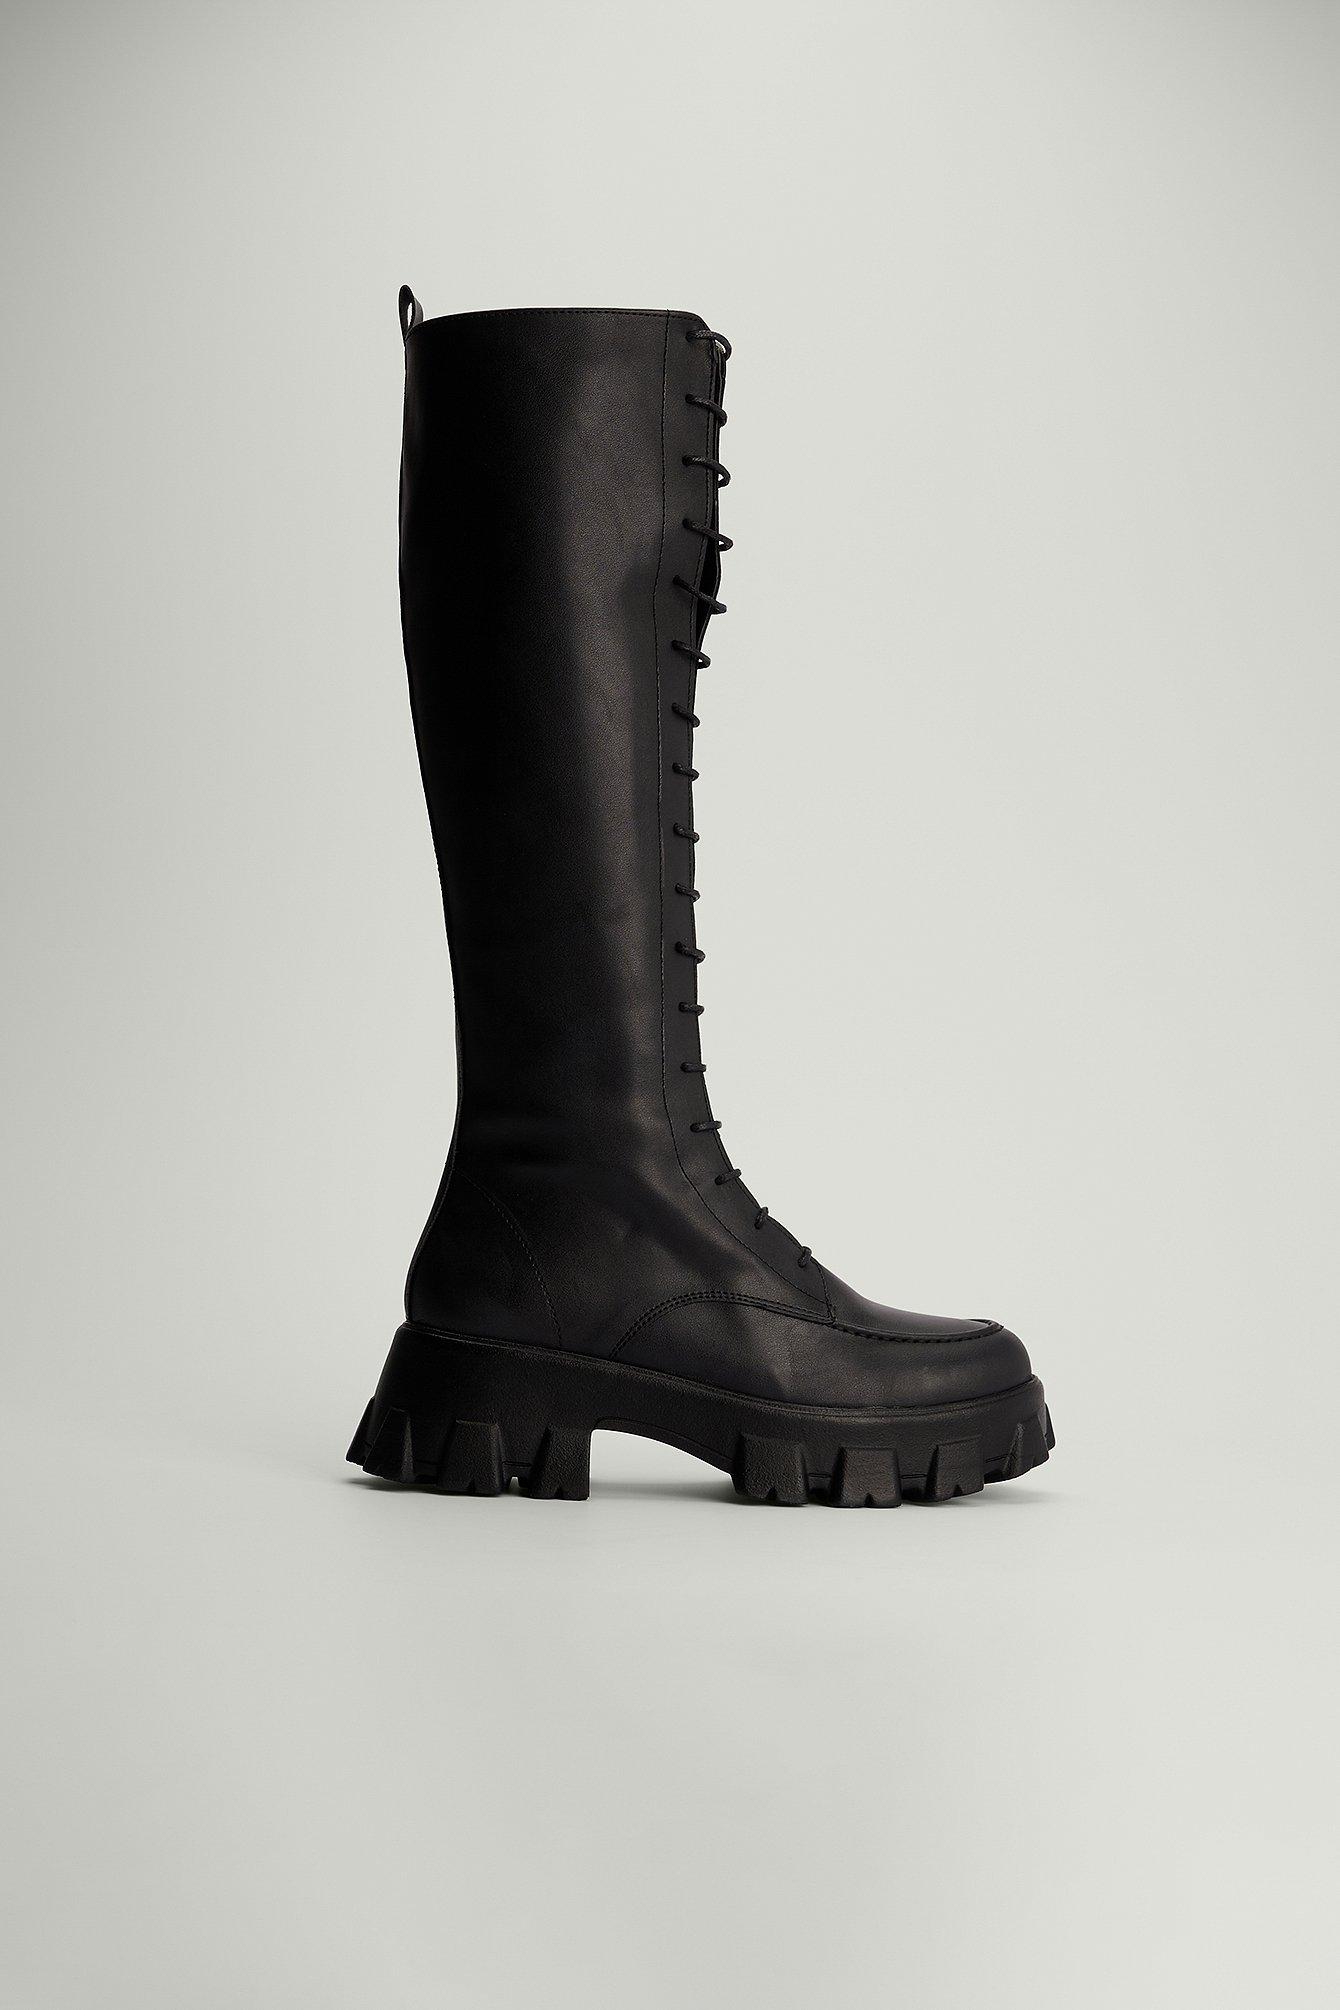 na-kd shoes -  Schnürstiefel mit Plateau-Absatz - Black